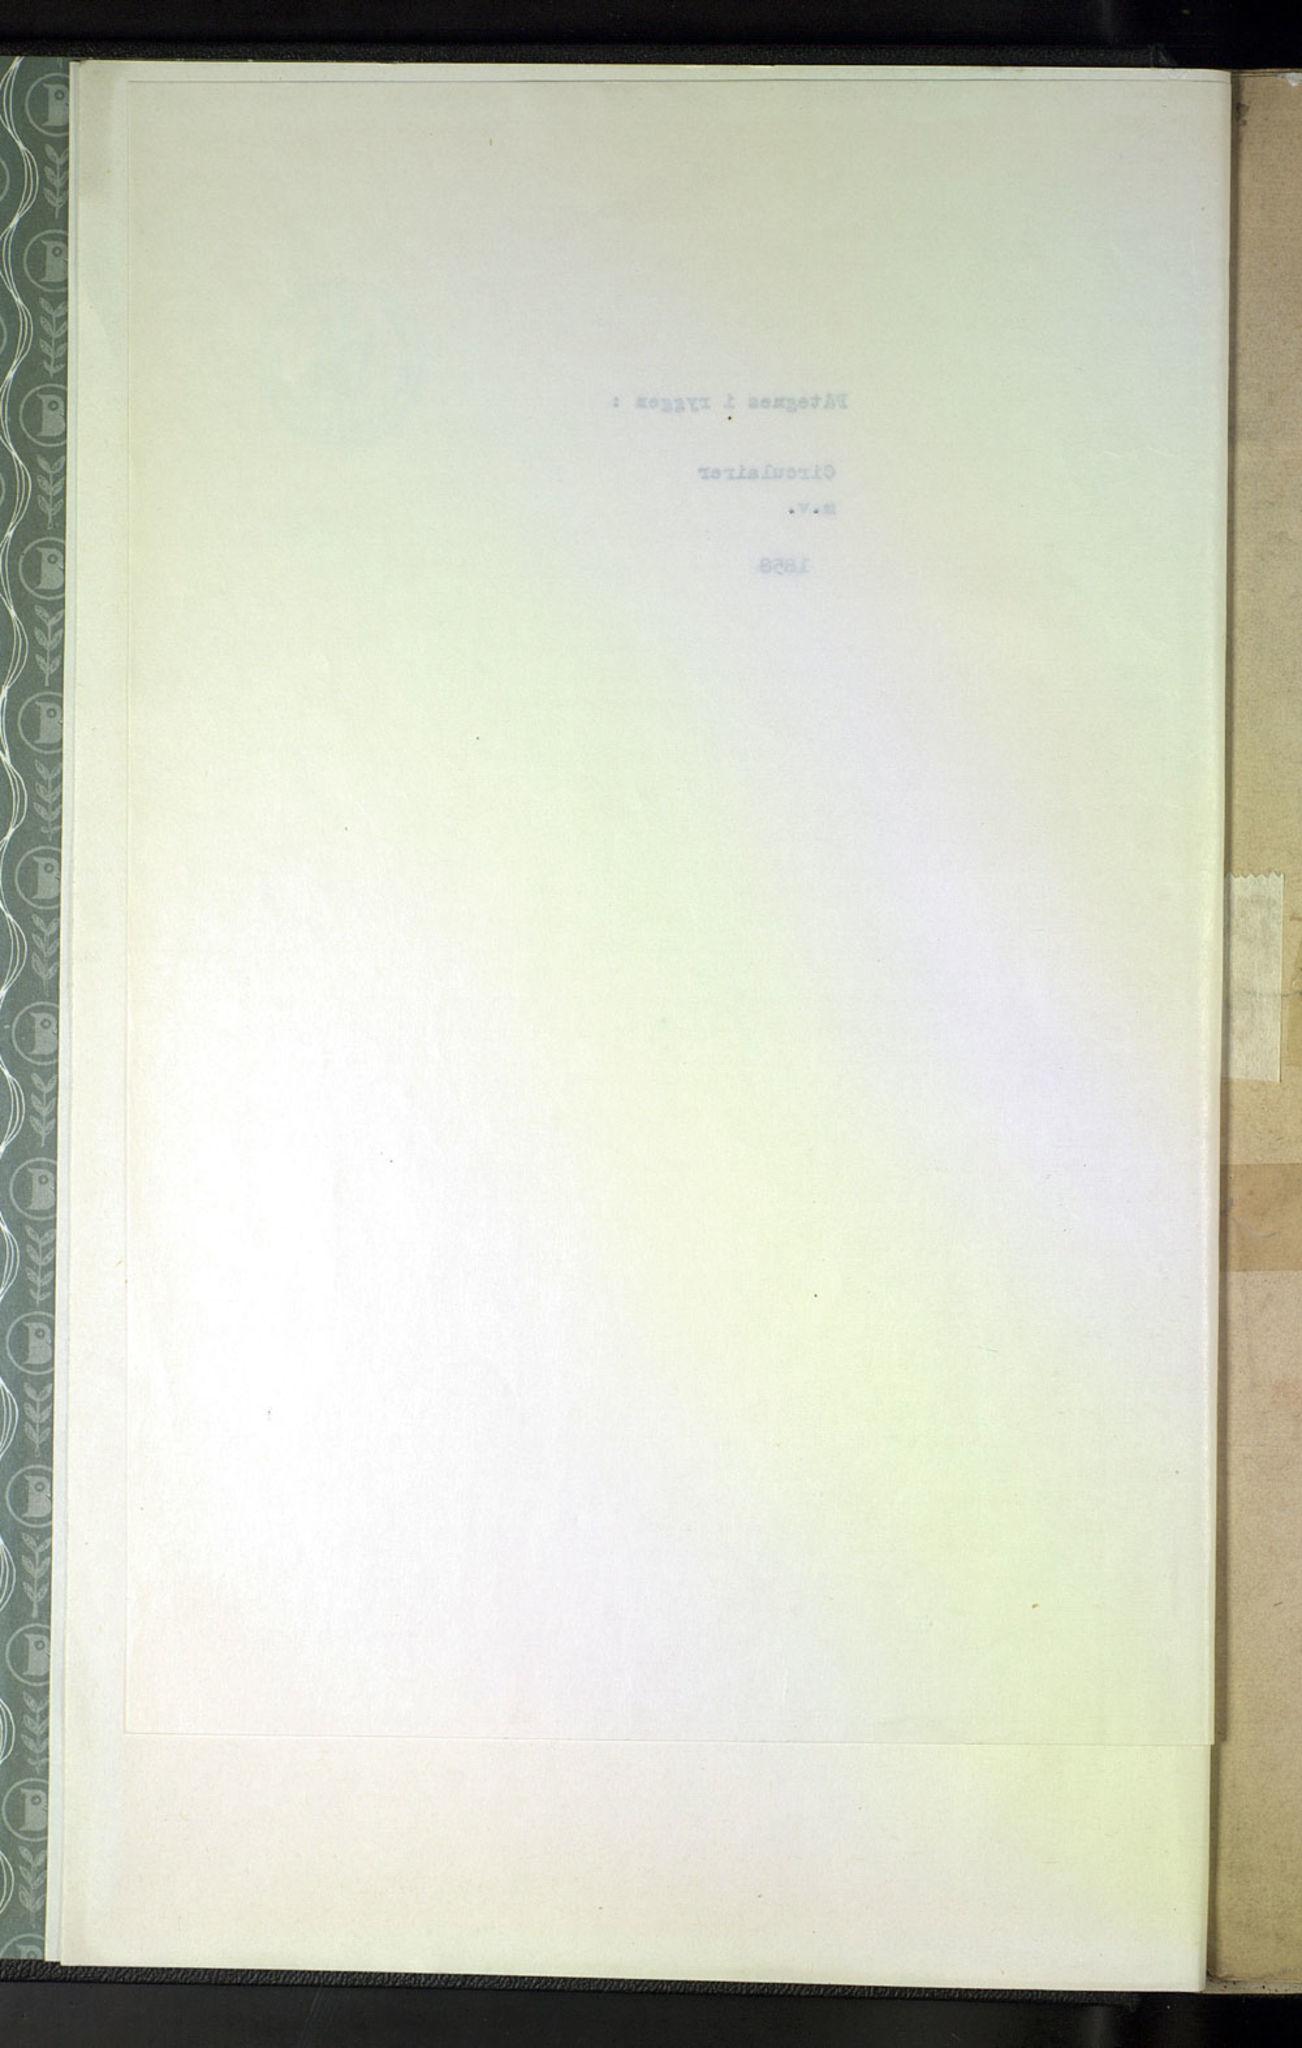 NOPO, Norges Postmuseums bibliotek, -/-: Sirkulærer fra Generalpostdireksjonen, 1858